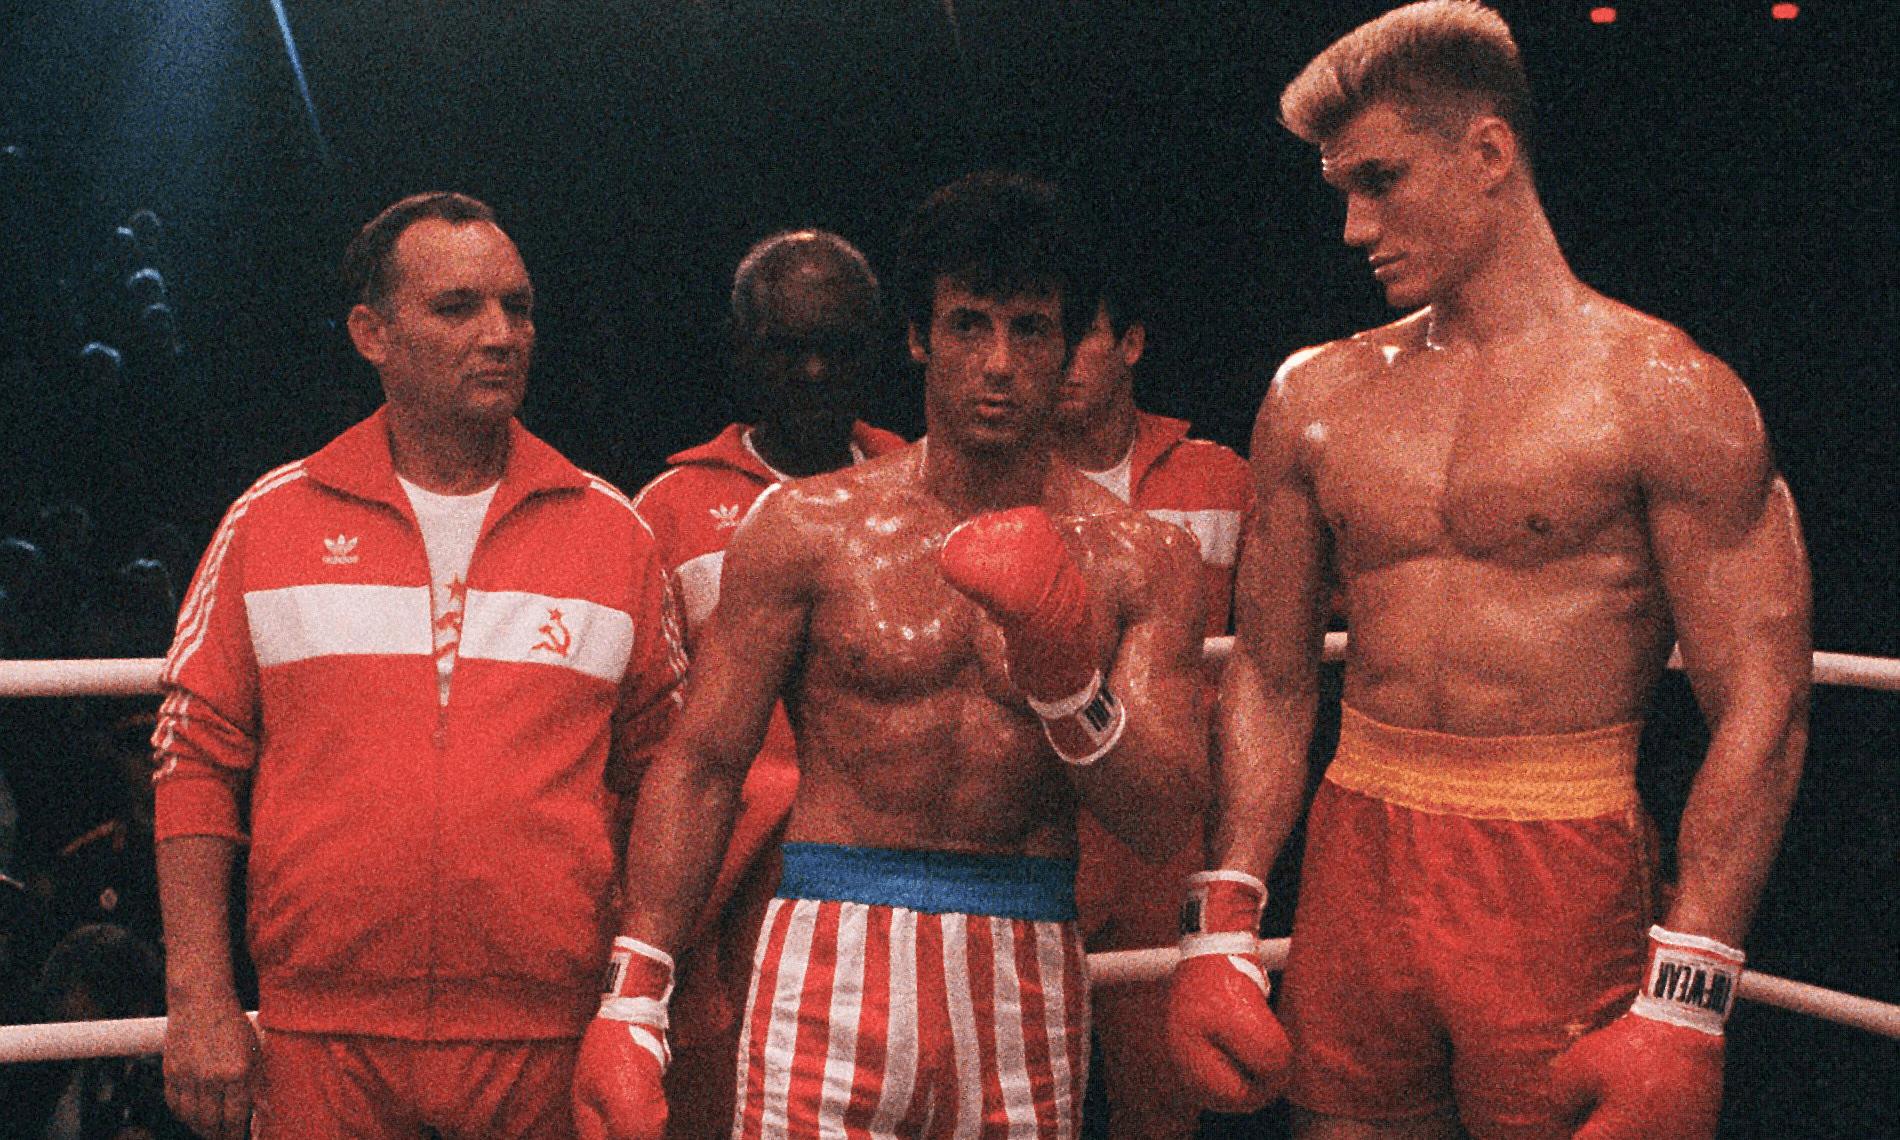 Rocky IV – Craig Zablo's StalloneZone